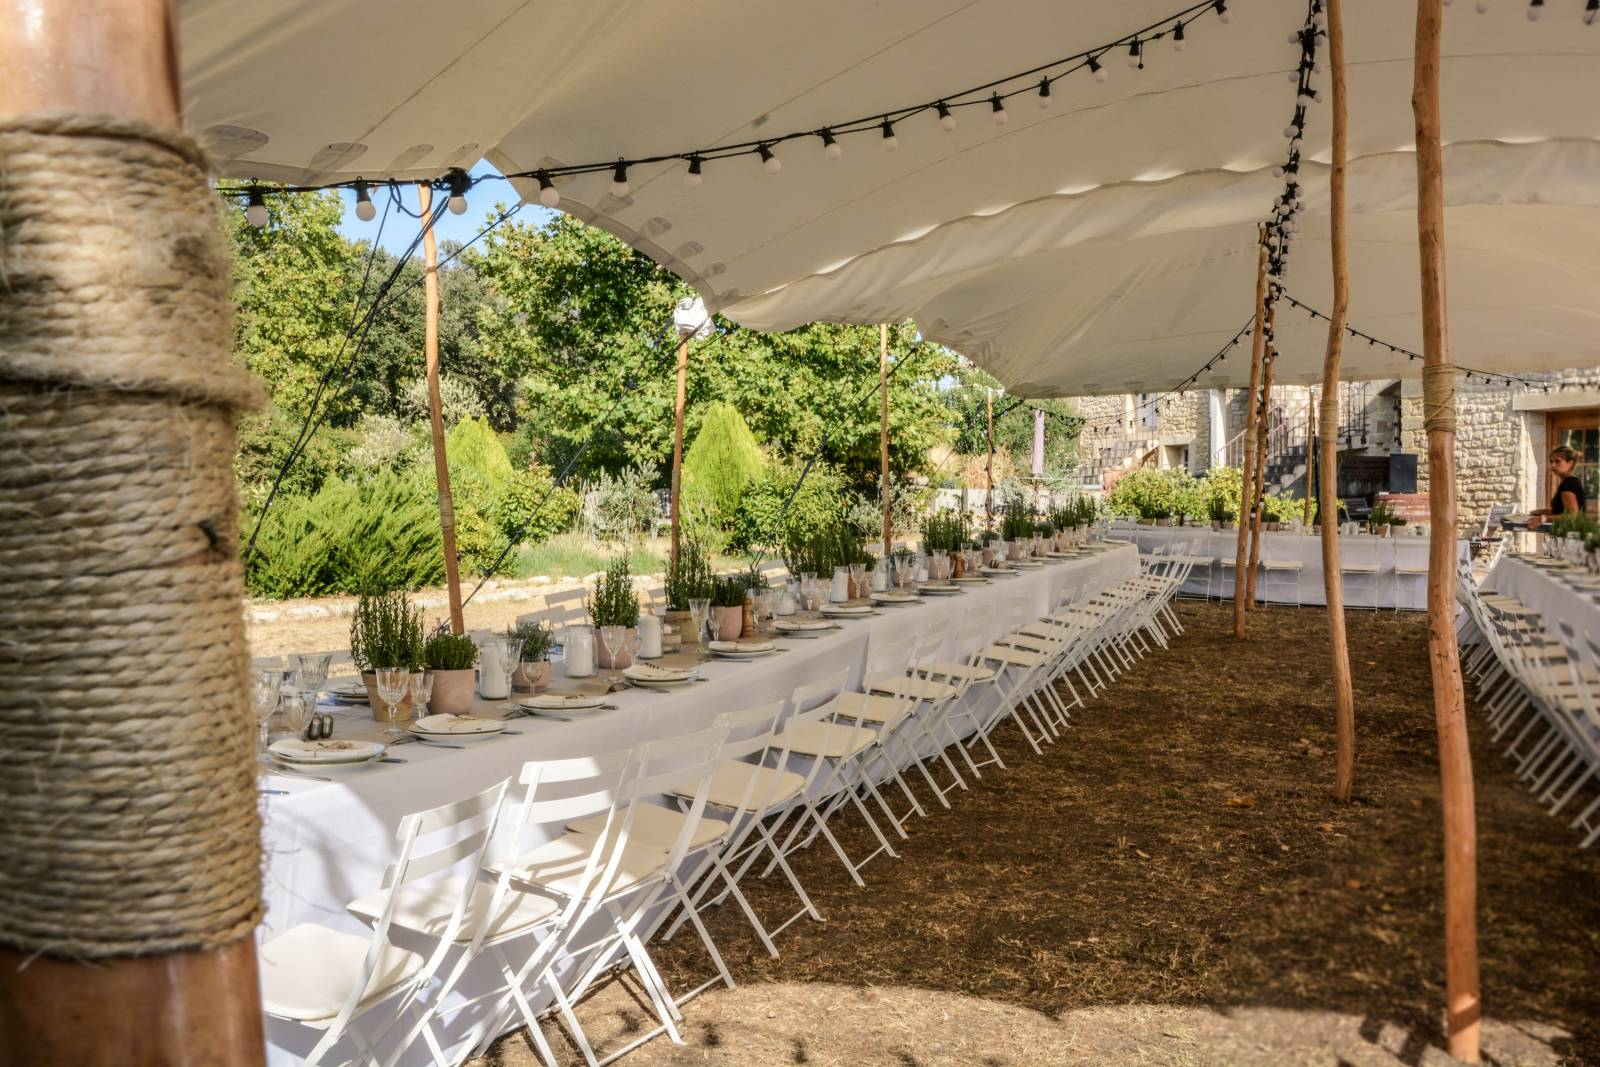 huwelijk frankrijk provence tent ceremonie decoratie bloemen (14)